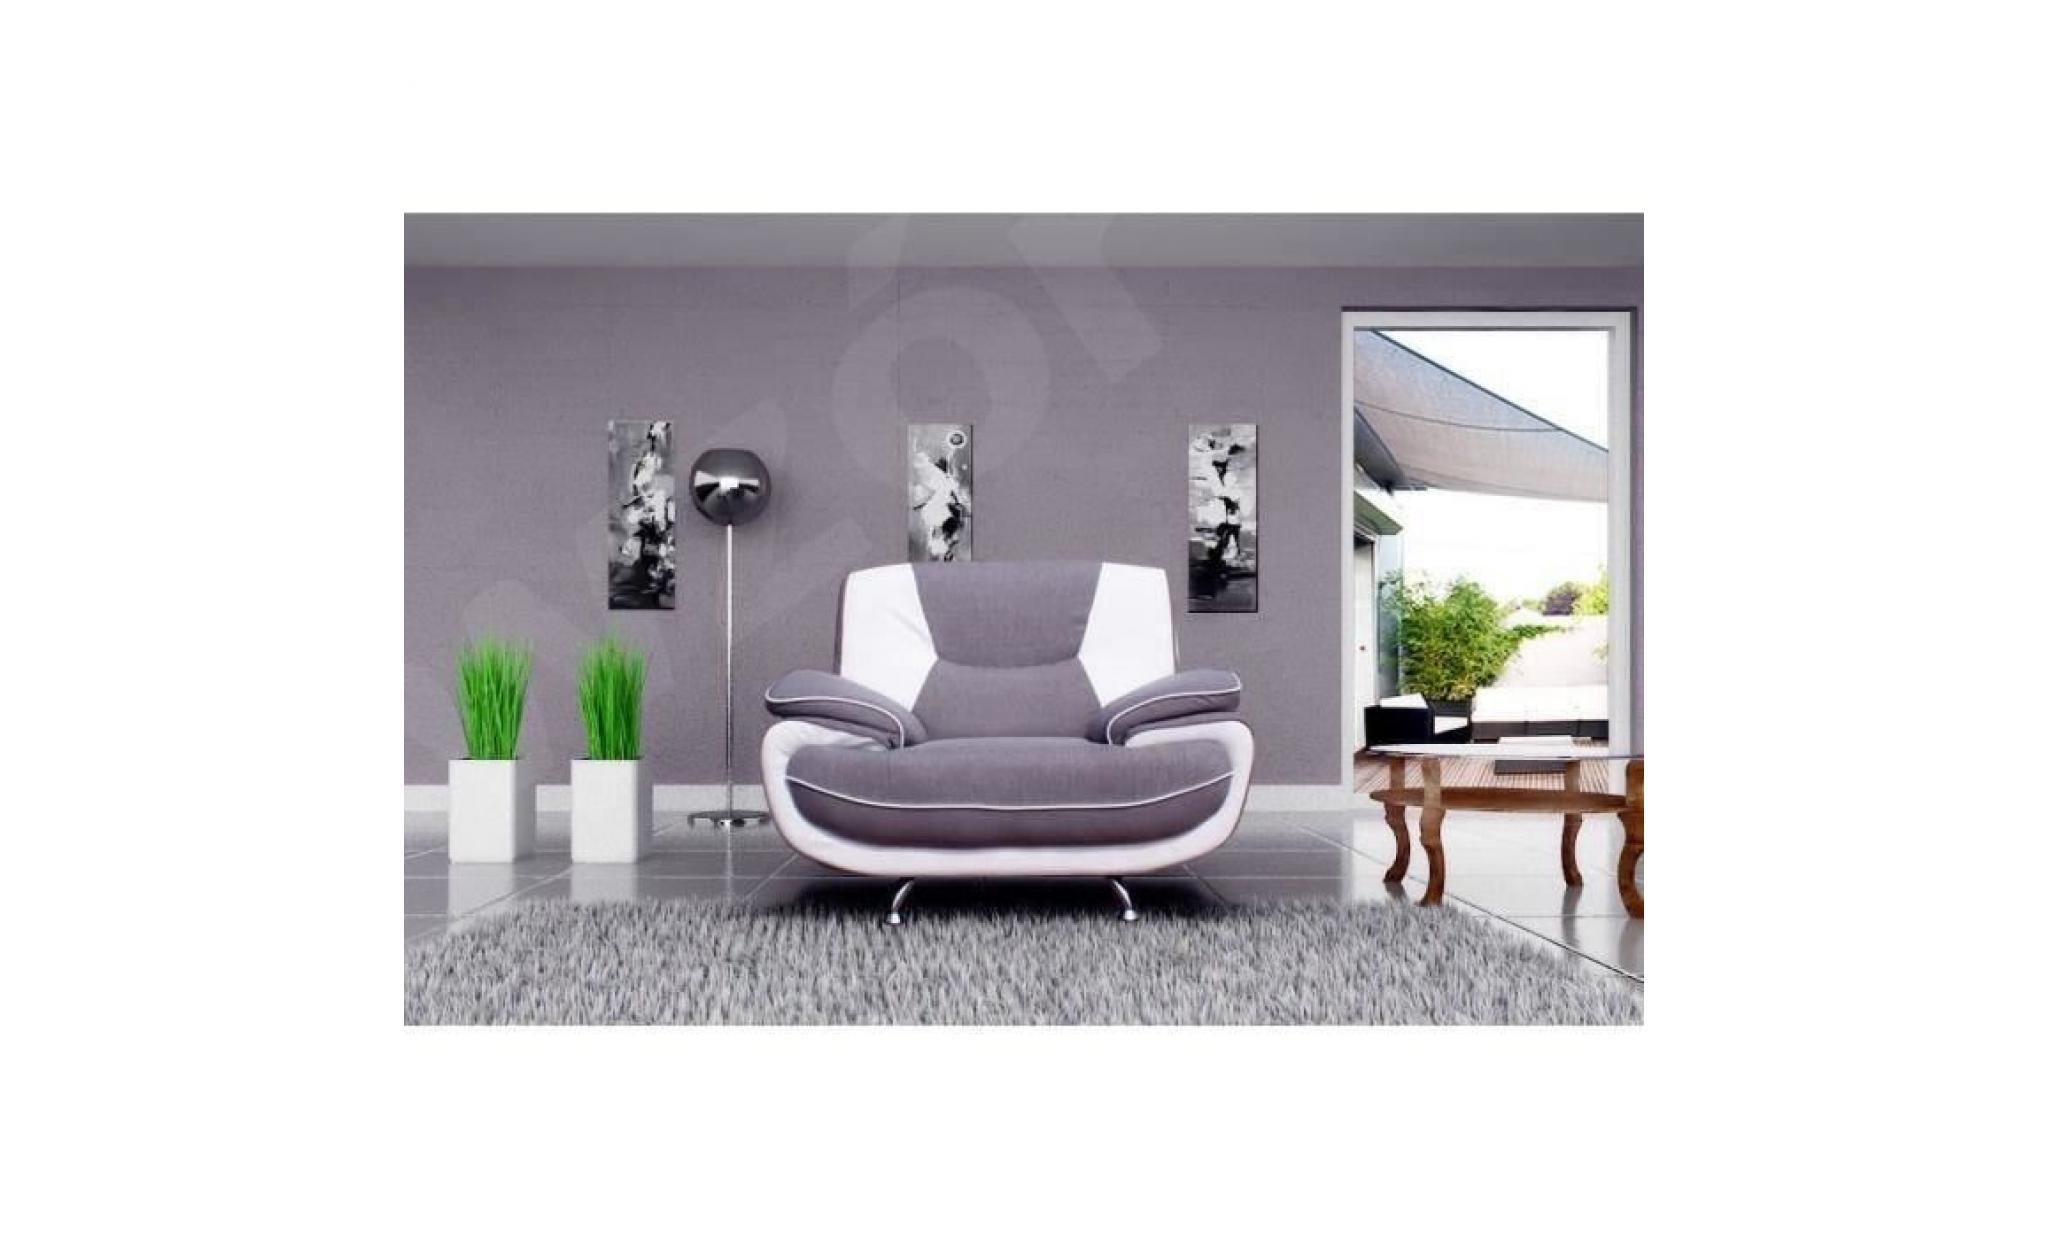 spacio fauteuil contemporain en simili et tissu gris et blanc l 134 x 85 cm